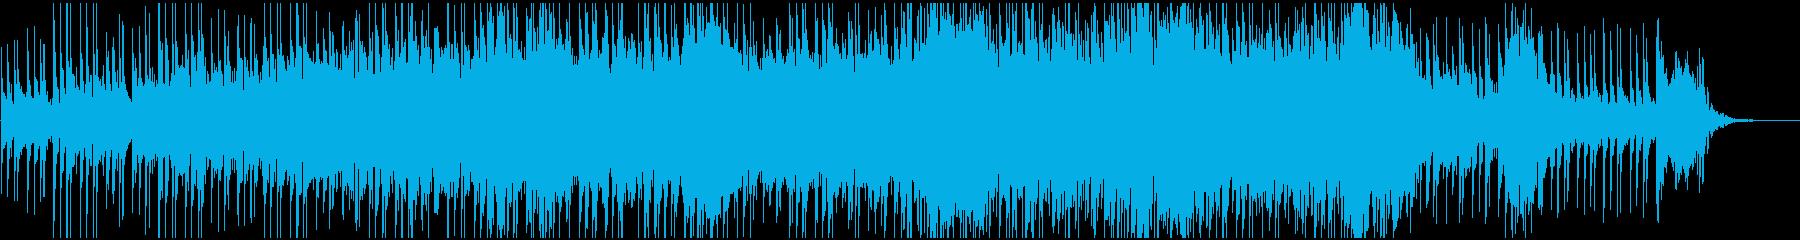 異様な雰囲気のダークで美しいテクノの再生済みの波形